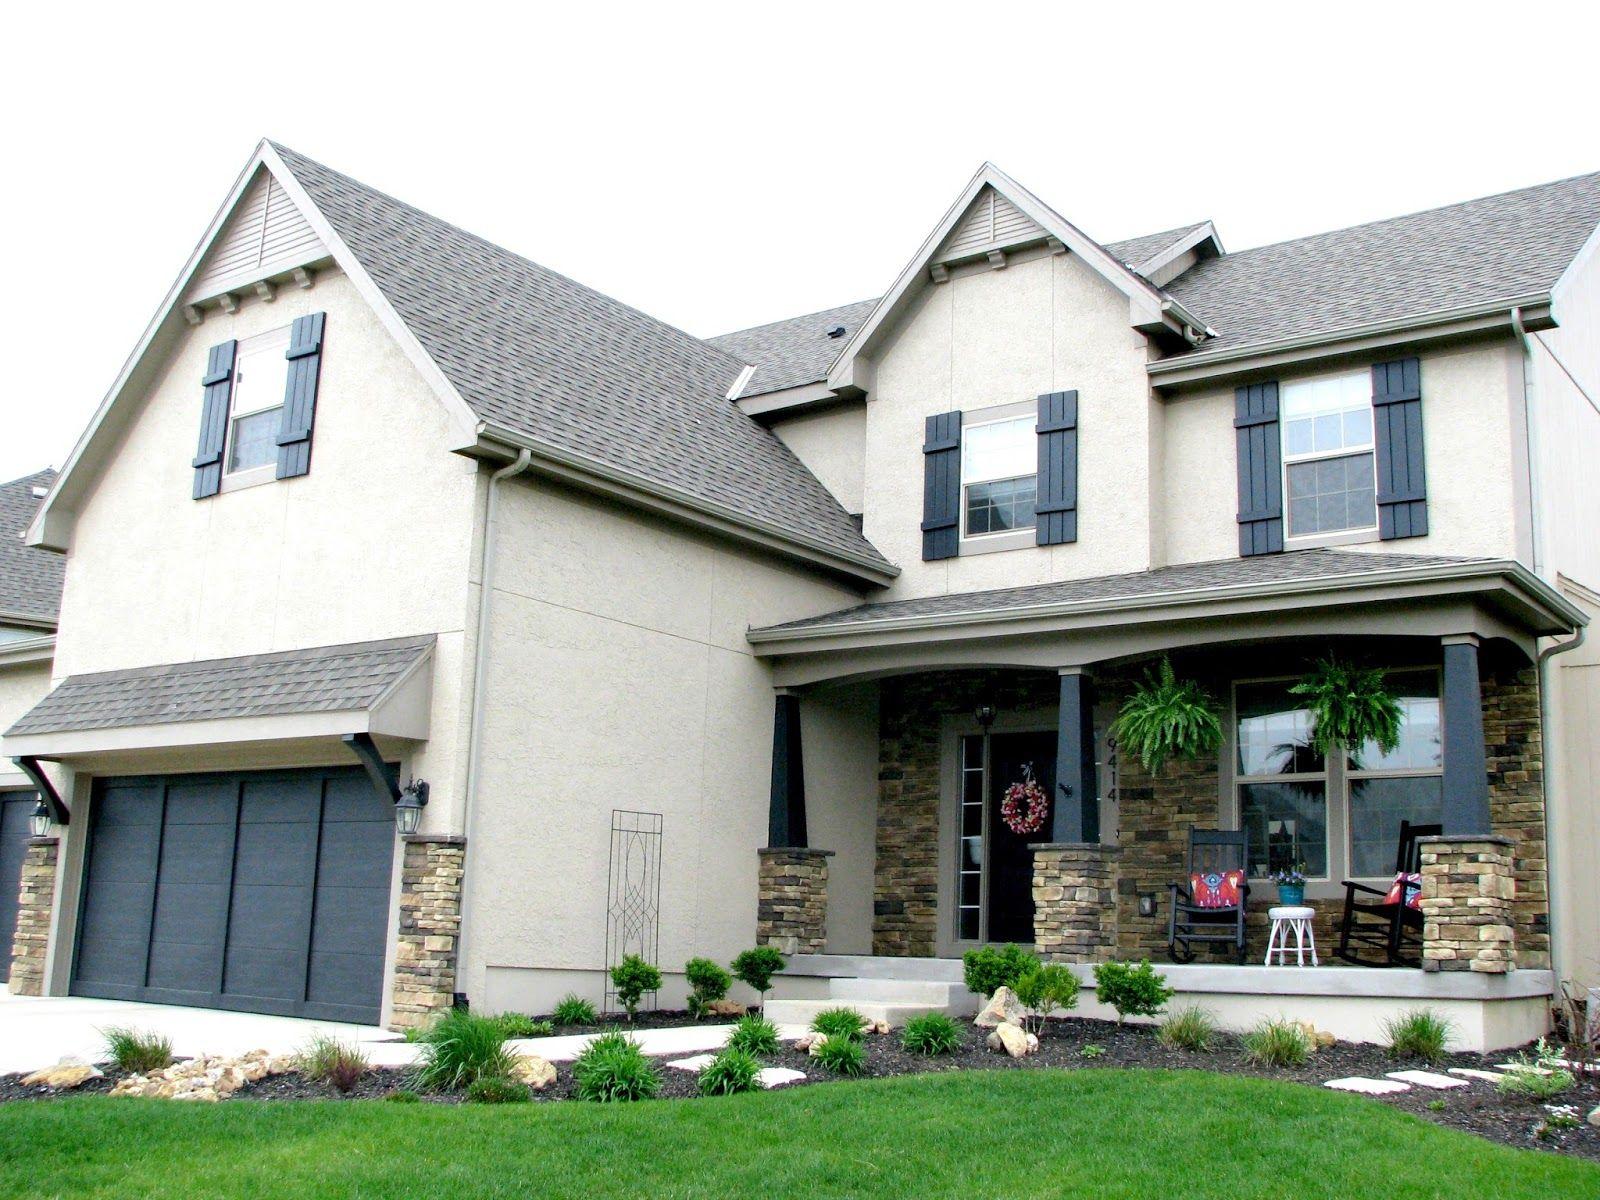 Exterior paint colors base color sw pavilion beige for Exterior house accents